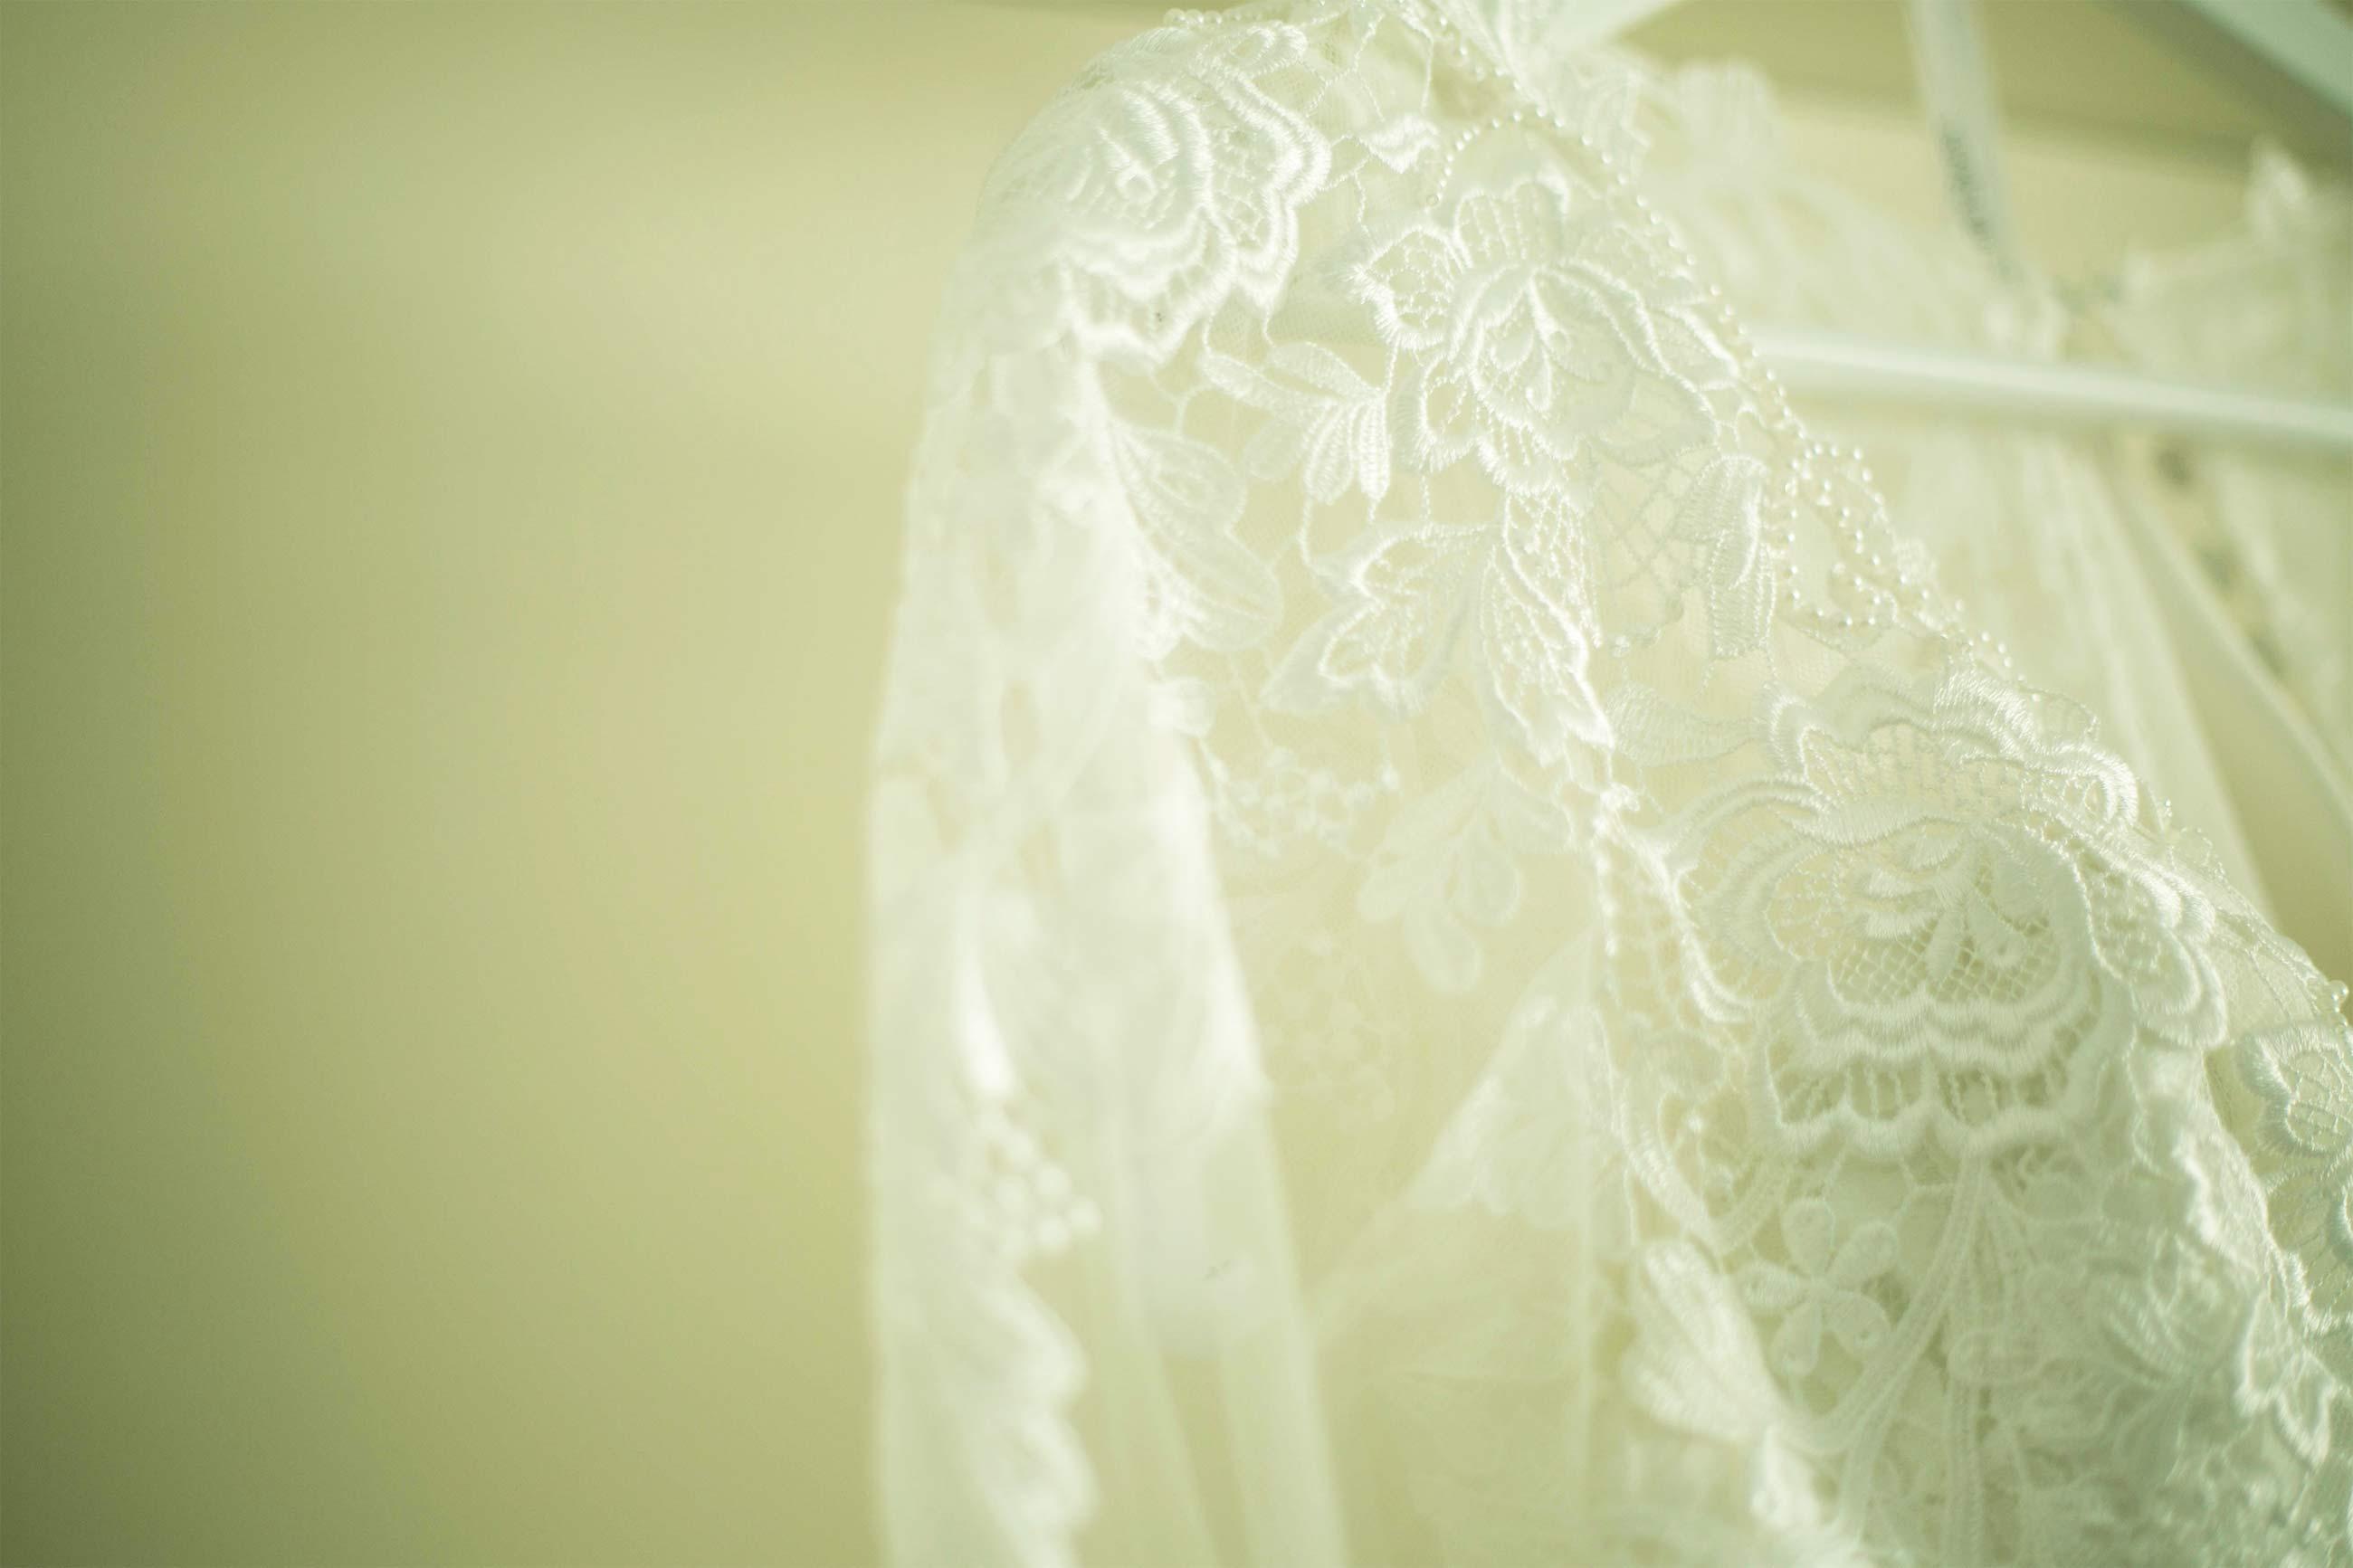 lea-jeremie-mariage-tel-aviv-israel-photographe-paris-video54